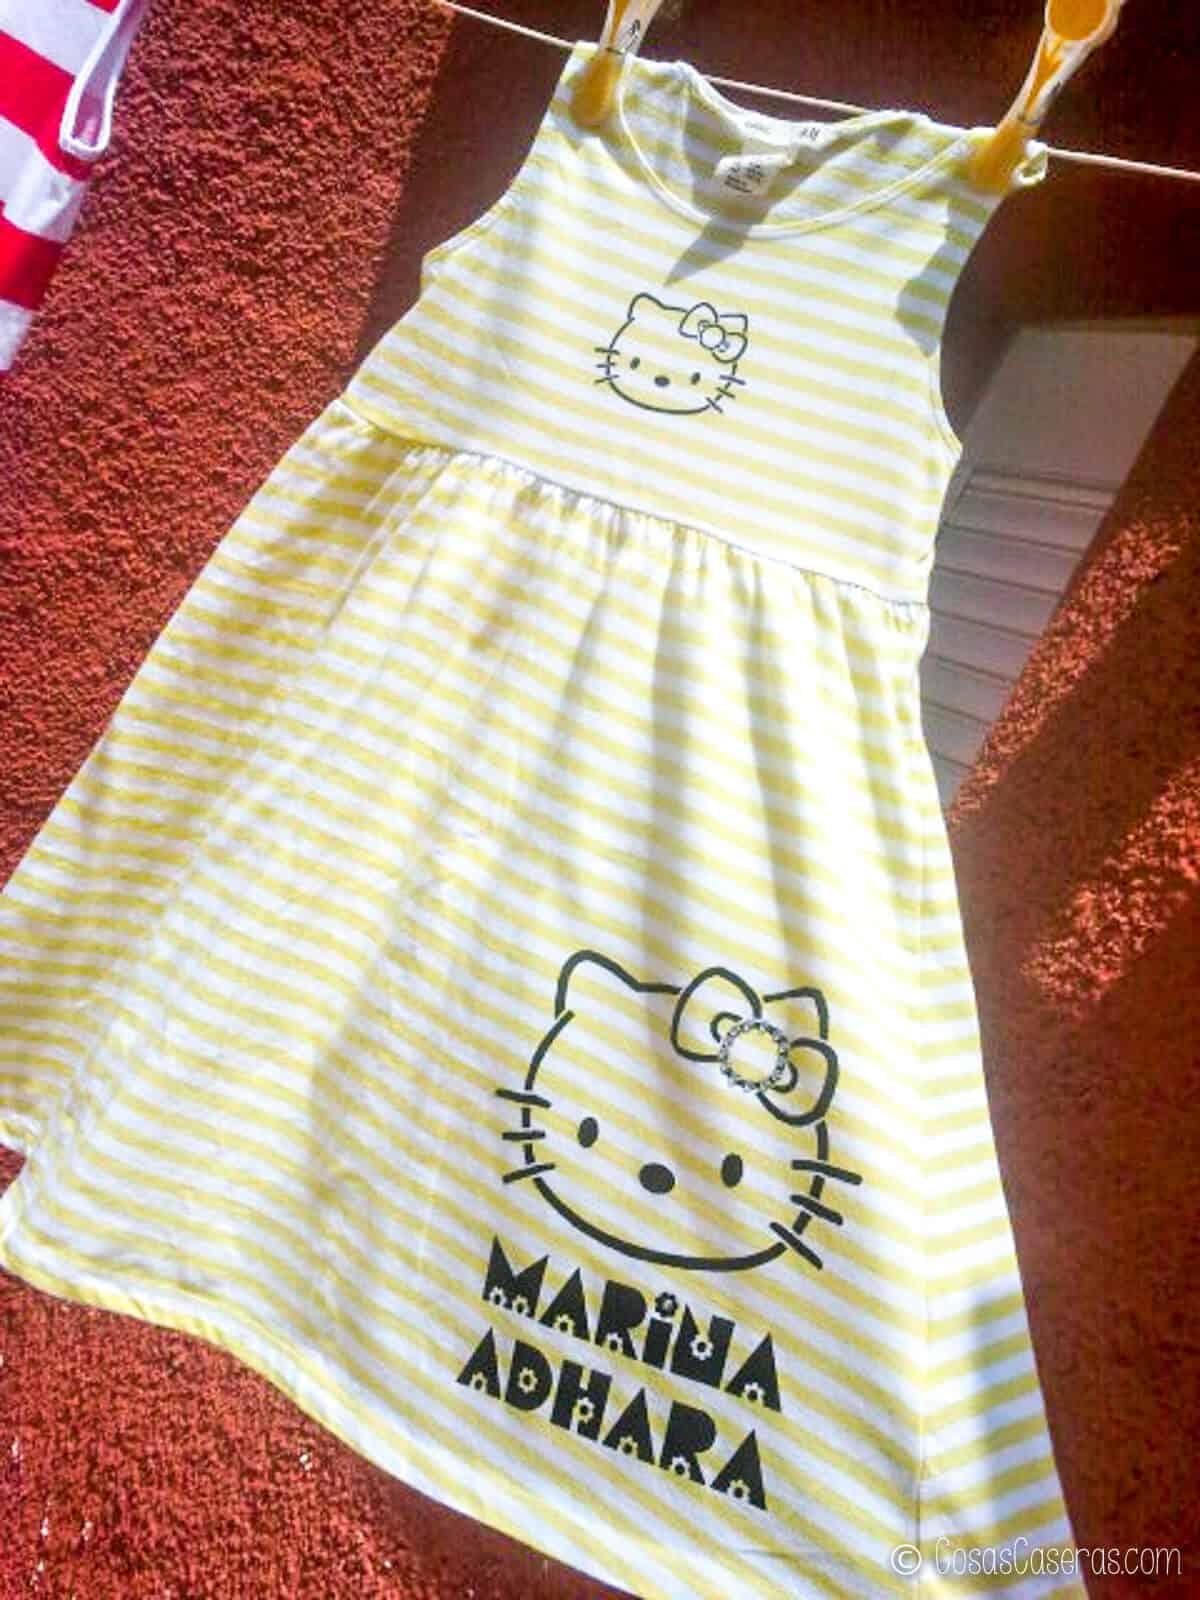 Un vestido de rayas con una imagen de Hello Kitty y el nombre Marina Adhara pintado colgado fuera